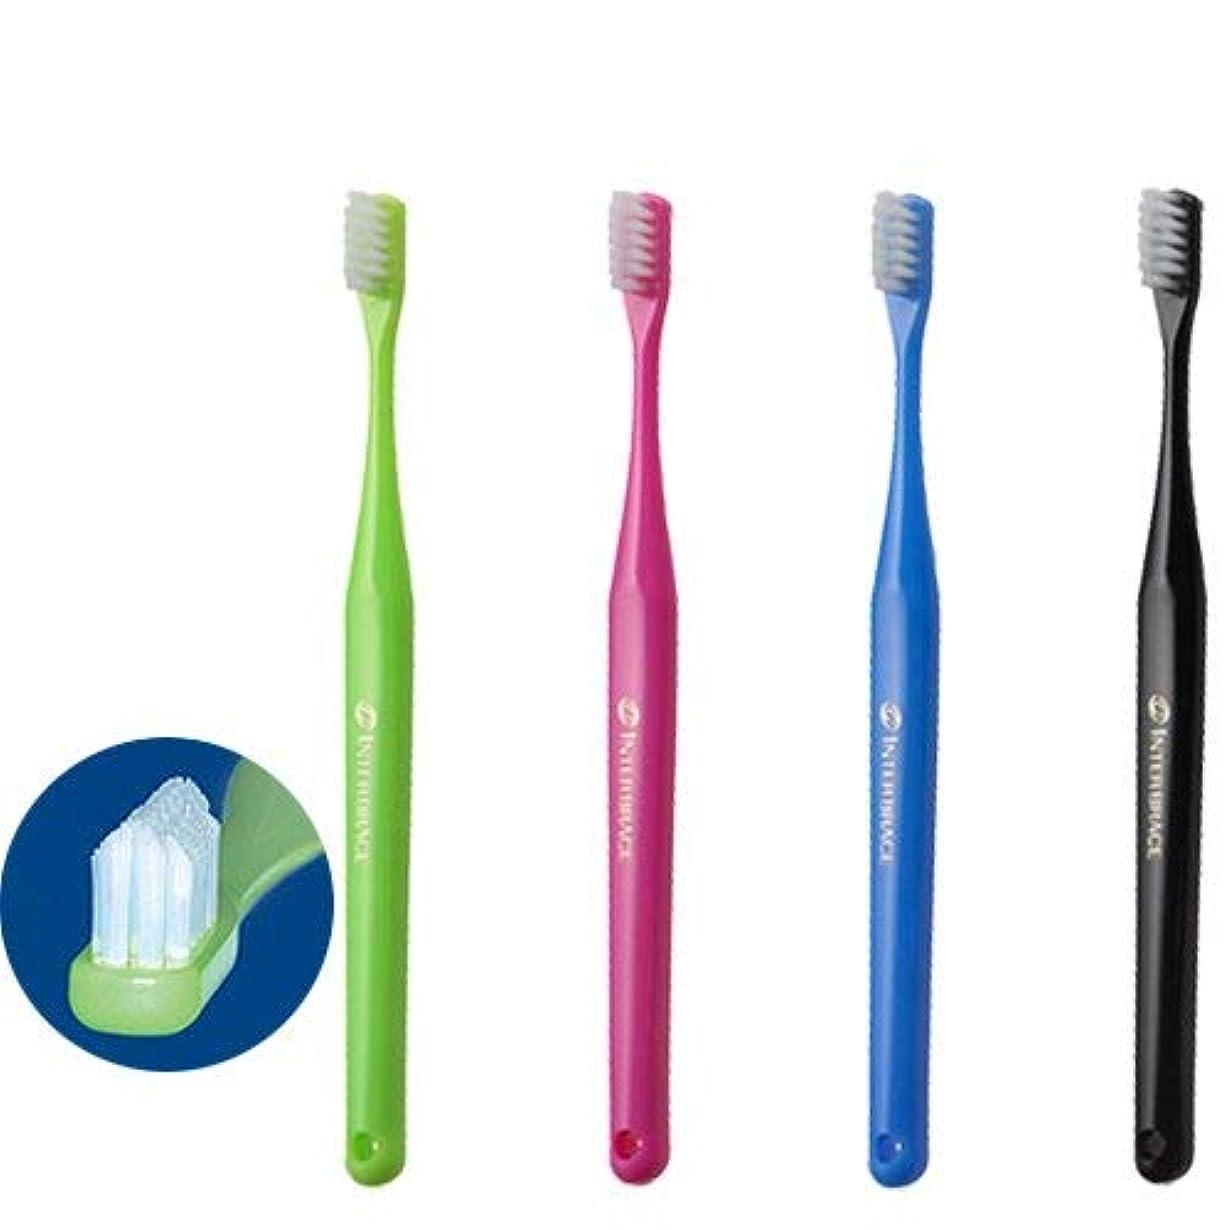 盟主自然プーノインターブレイス (INTER BRACE) ×8本 矯正用歯ブラシ 歯科医院取扱品